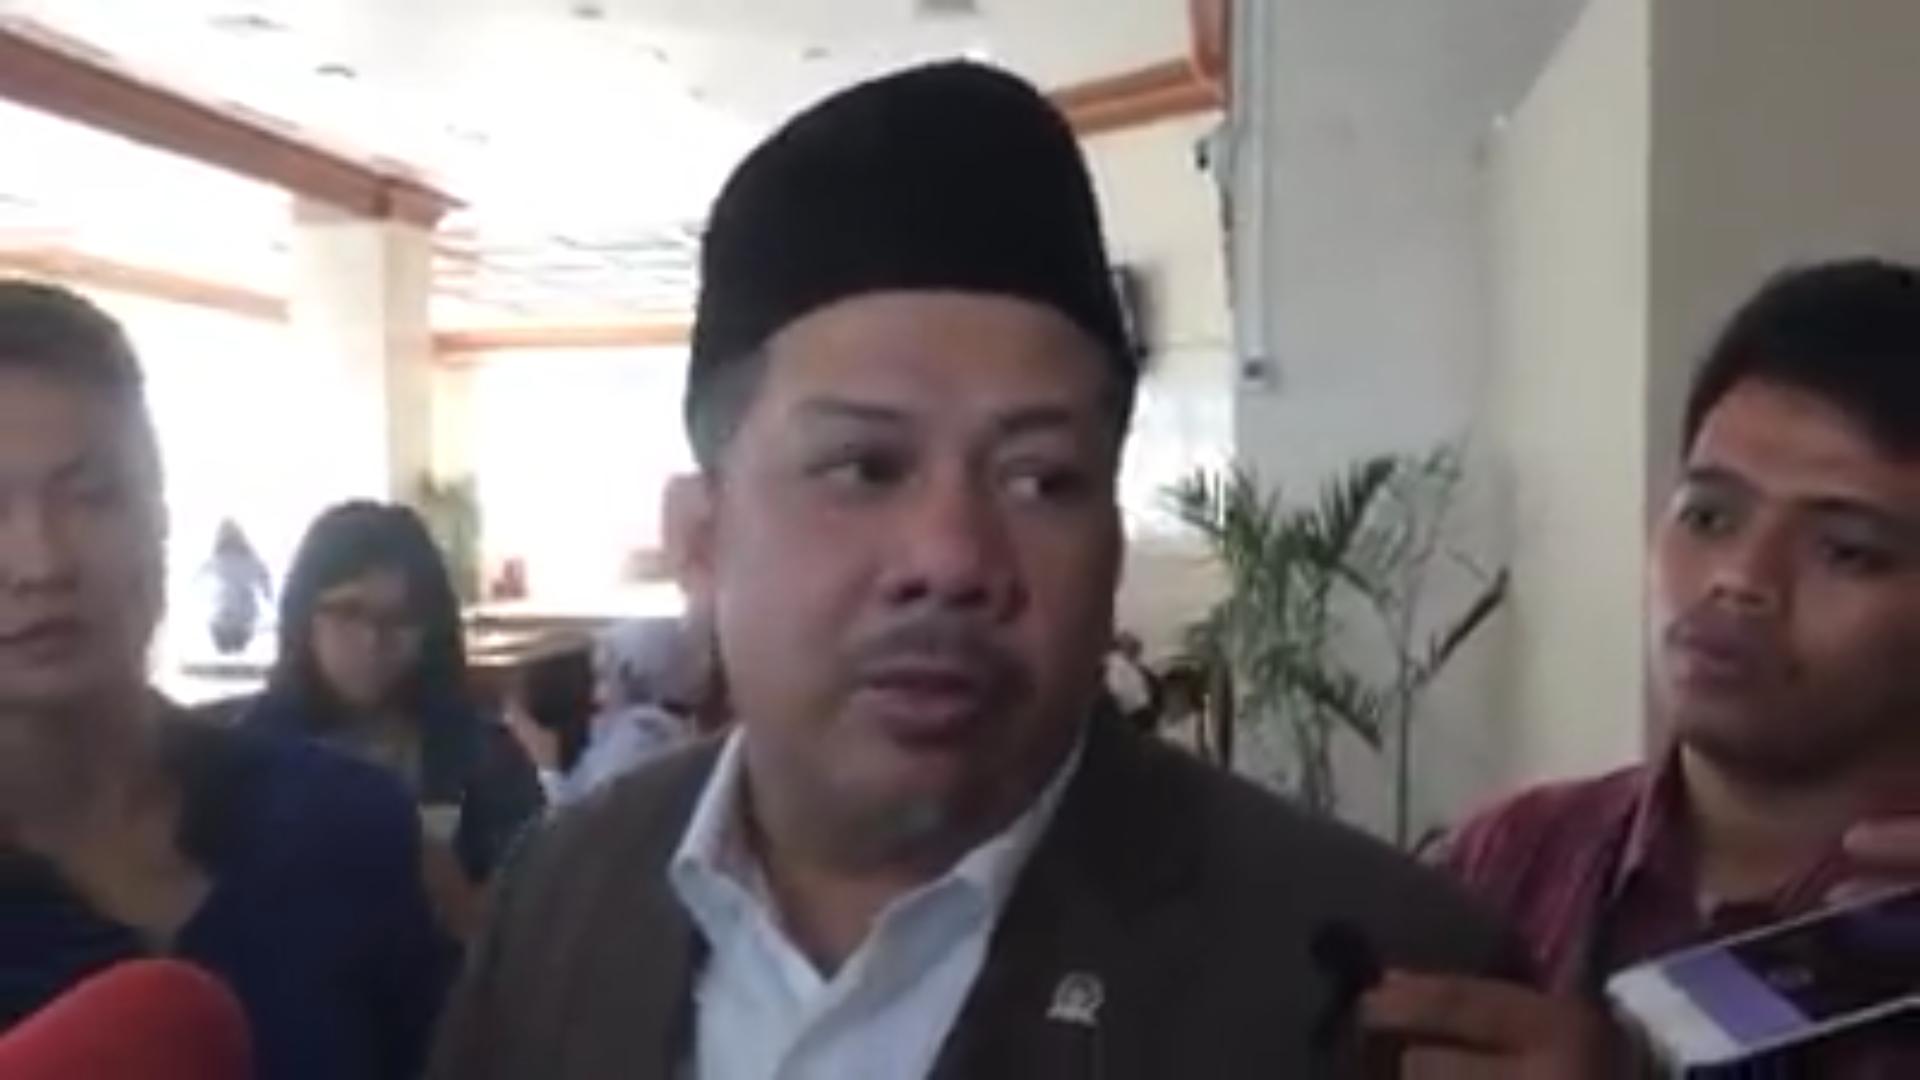 Menyoal Kasus Ratna Sarumpaet, Fahri Hamzah: Biadab!